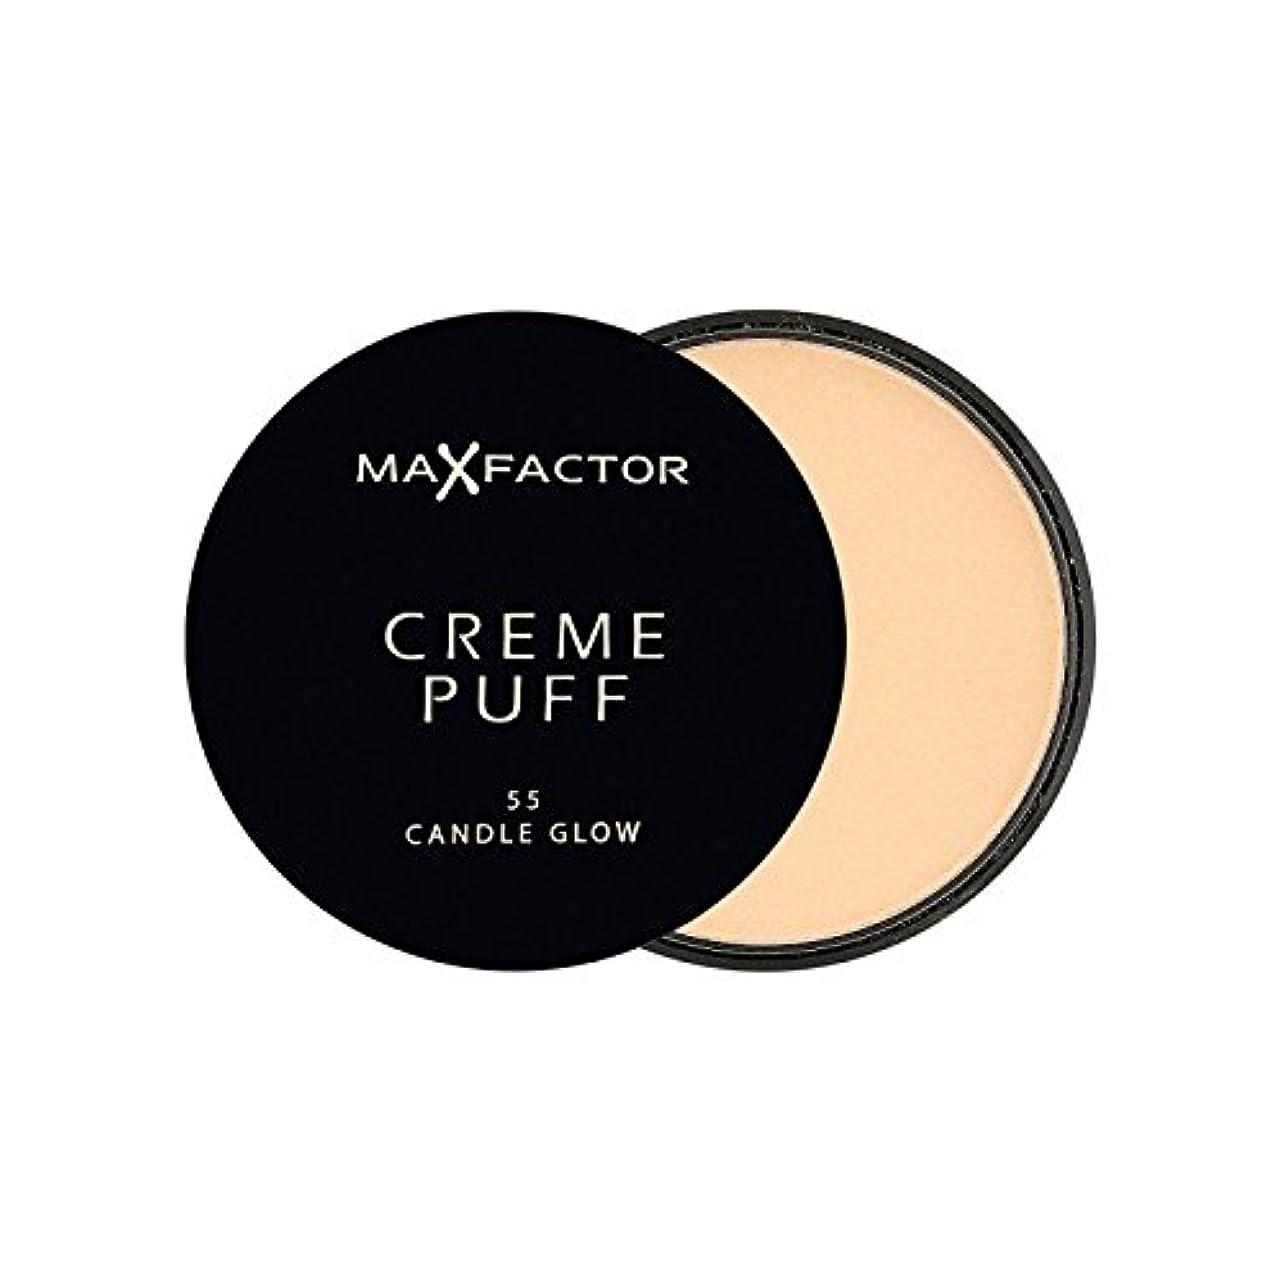 逆説ではごきげんよう木製Max Factor Creme Puff Powder Compact Candle Glow 55 - マックスファクタークリームパフパウダーコンパクトろうそくは55グロー [並行輸入品]